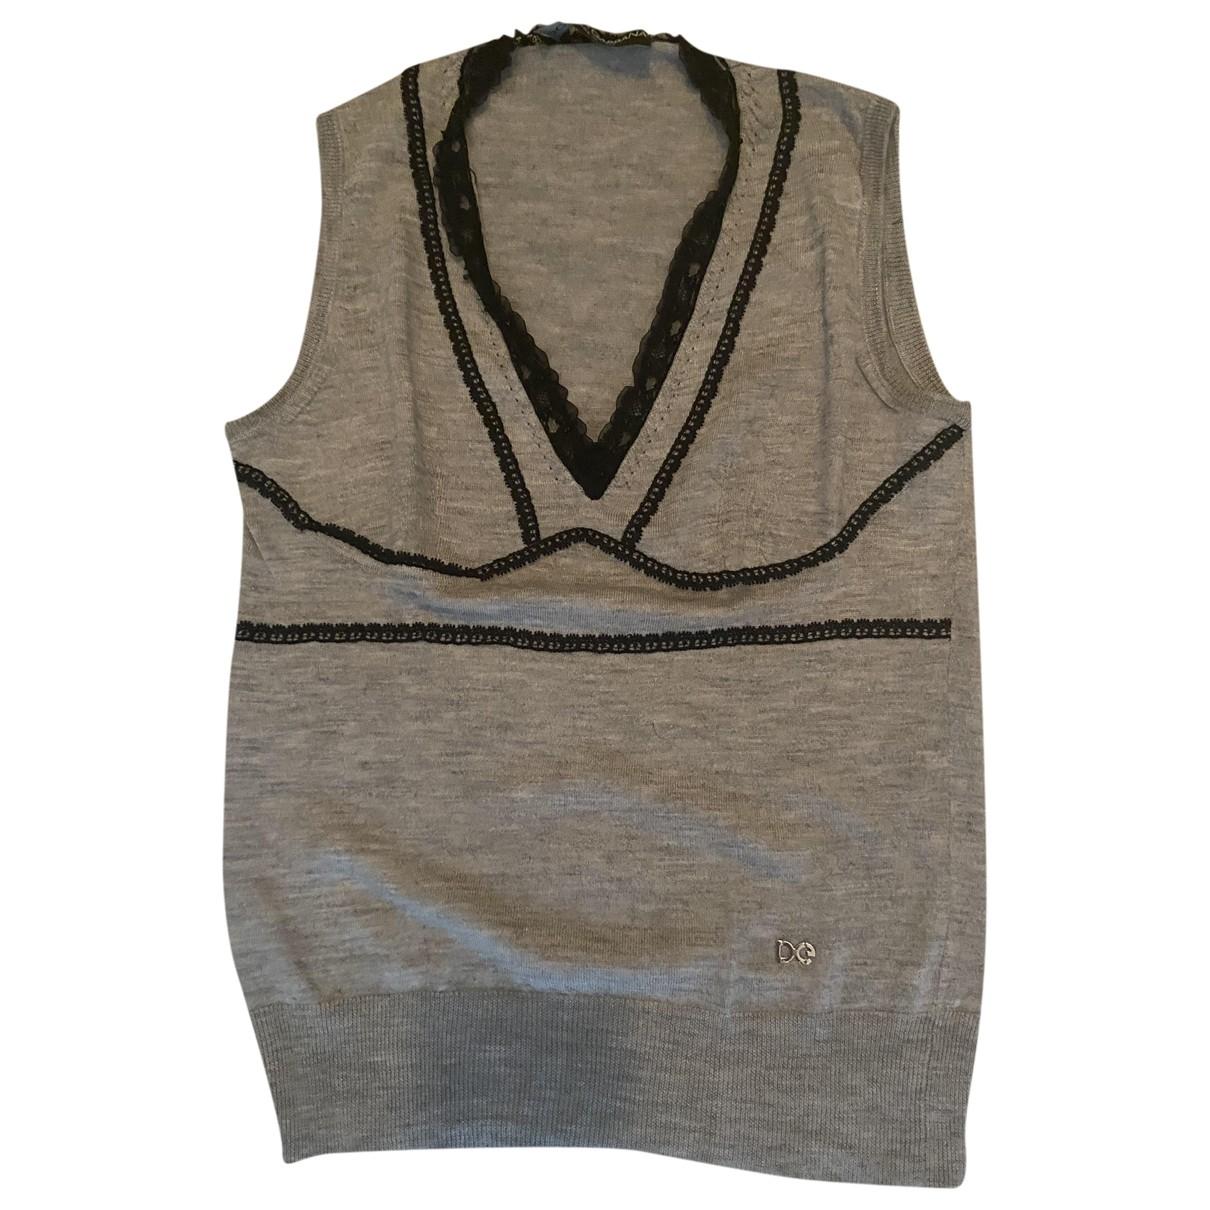 Dolce & Gabbana \N Grey Wool  top for Women 38 IT